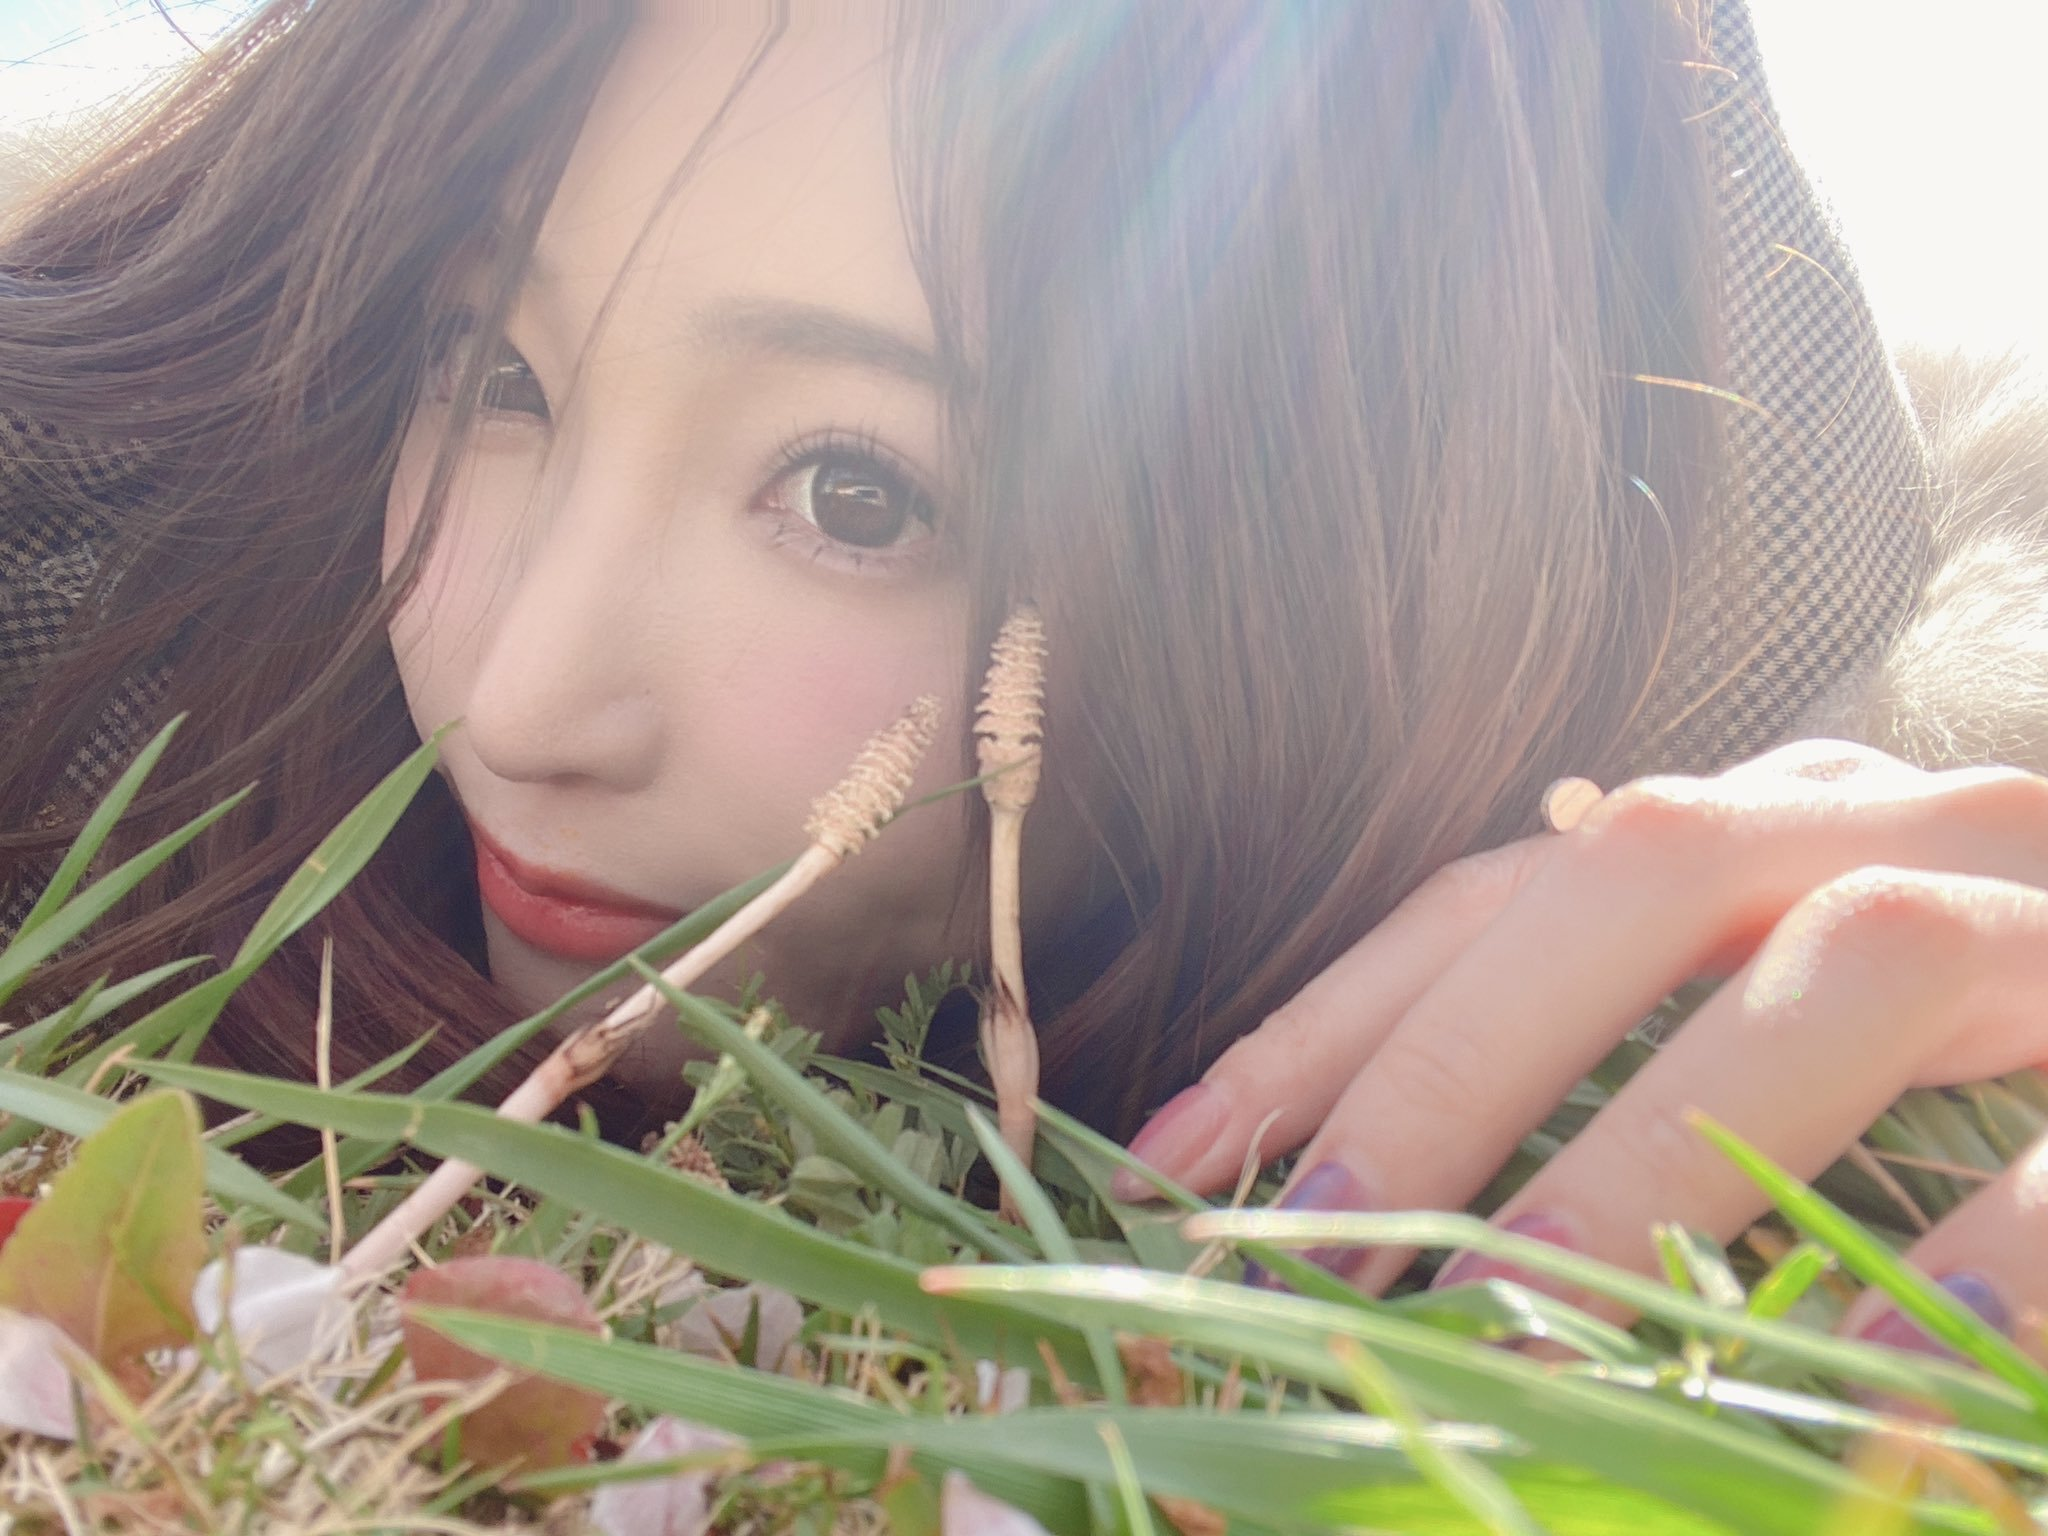 内衣写真 No.13